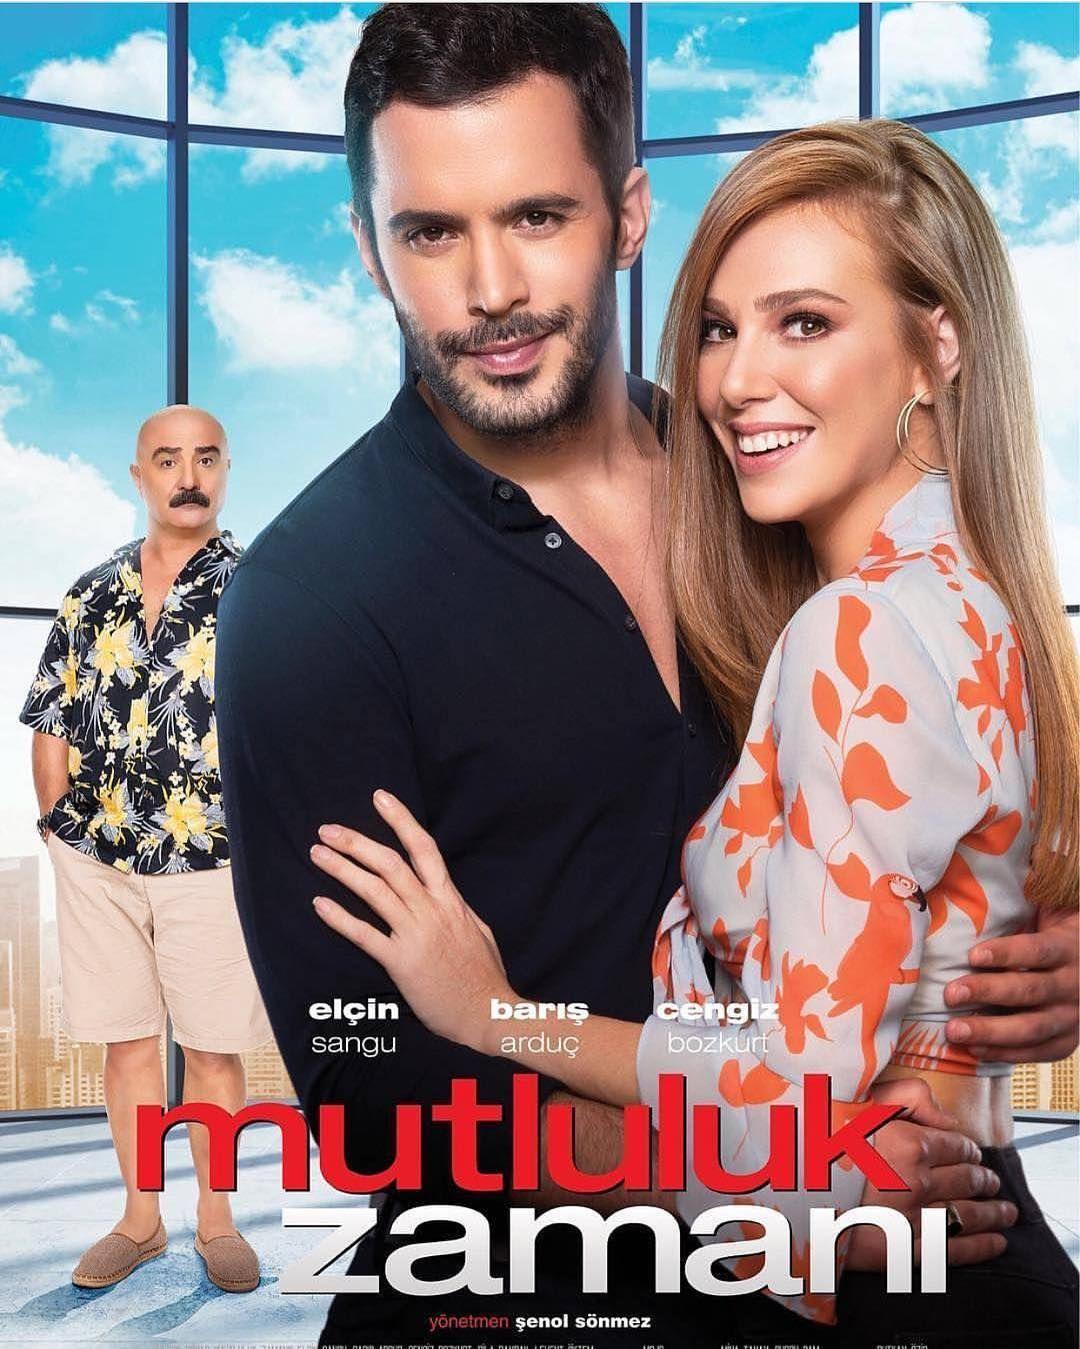 Pin De Kirti Nayak En Mutluluk Zamanı Peliculas Romanticas En Español Peliculas Romanticas Completas Peliculas Drama Romantico